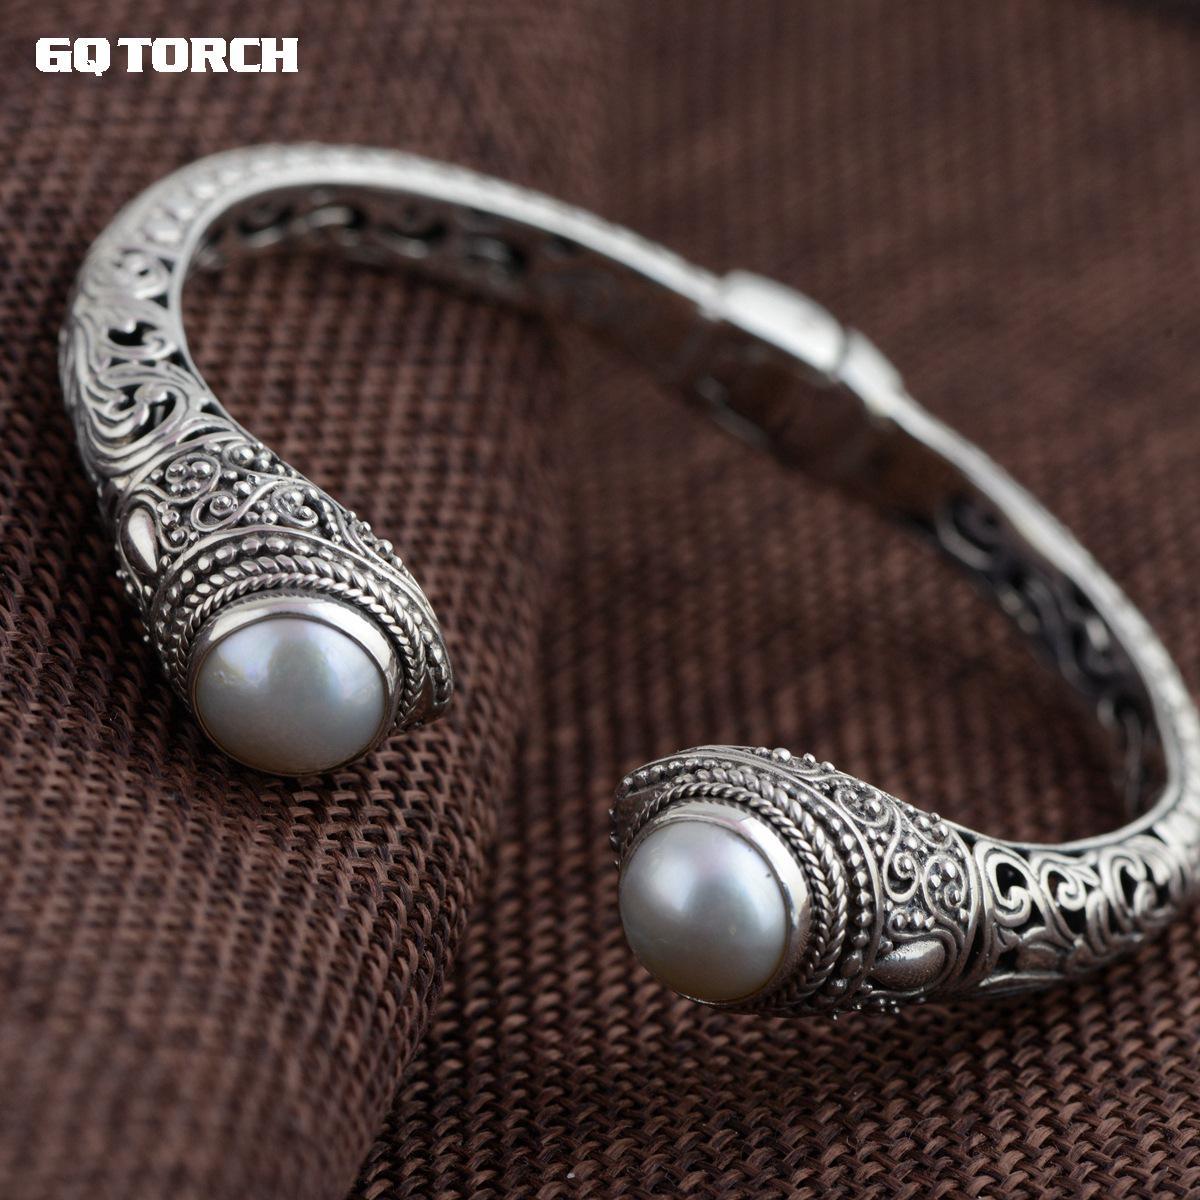 Bransoletki i Bangles autentyczne 925 srebro mankietów bransoletki naturalne perły w stylu Vintage Hollow kwiat rzeźba Armbandjes w Bransoletki i obręcze od Biżuteria i akcesoria na  Grupa 1